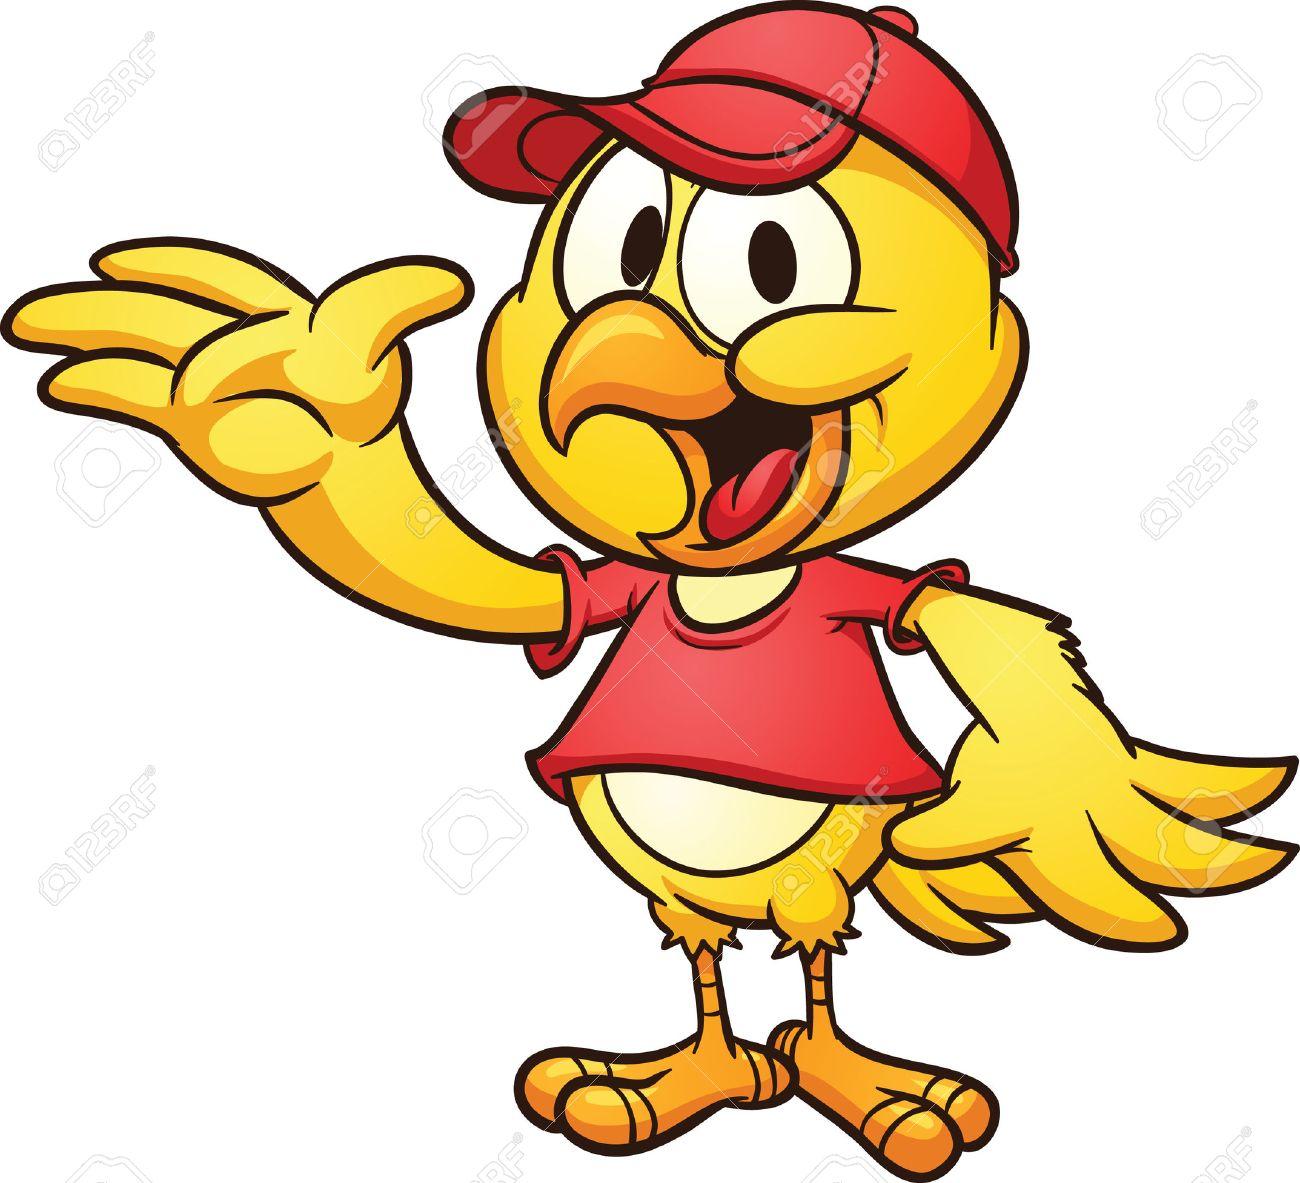 すべて 1 つのレイヤーで野球帽子簡単なグラデーション ベクター漫画イラストを着てかわいい漫画鶏のクリップアートします